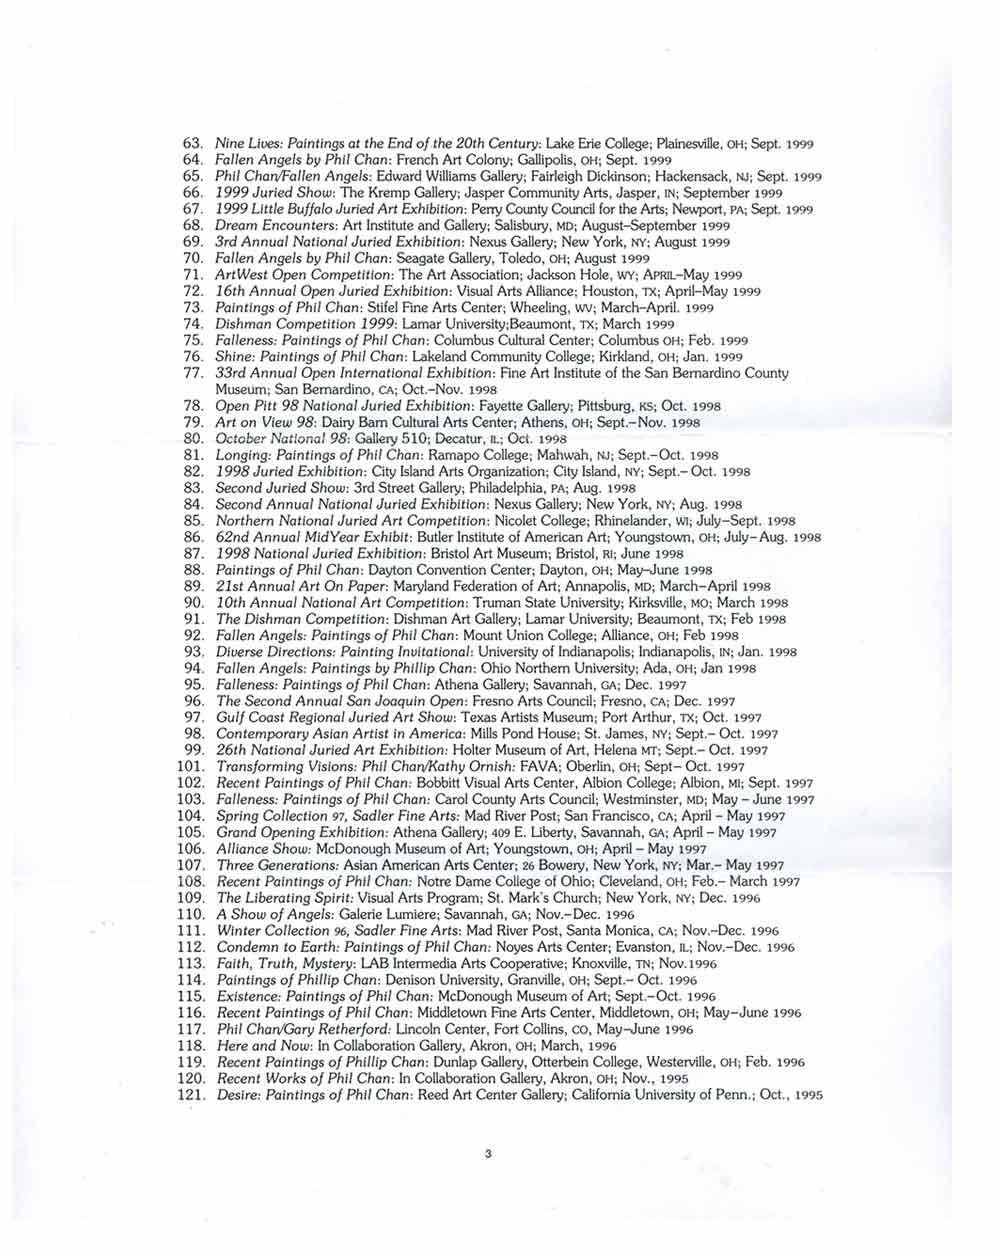 Phillip Chan's Resume, pg 3